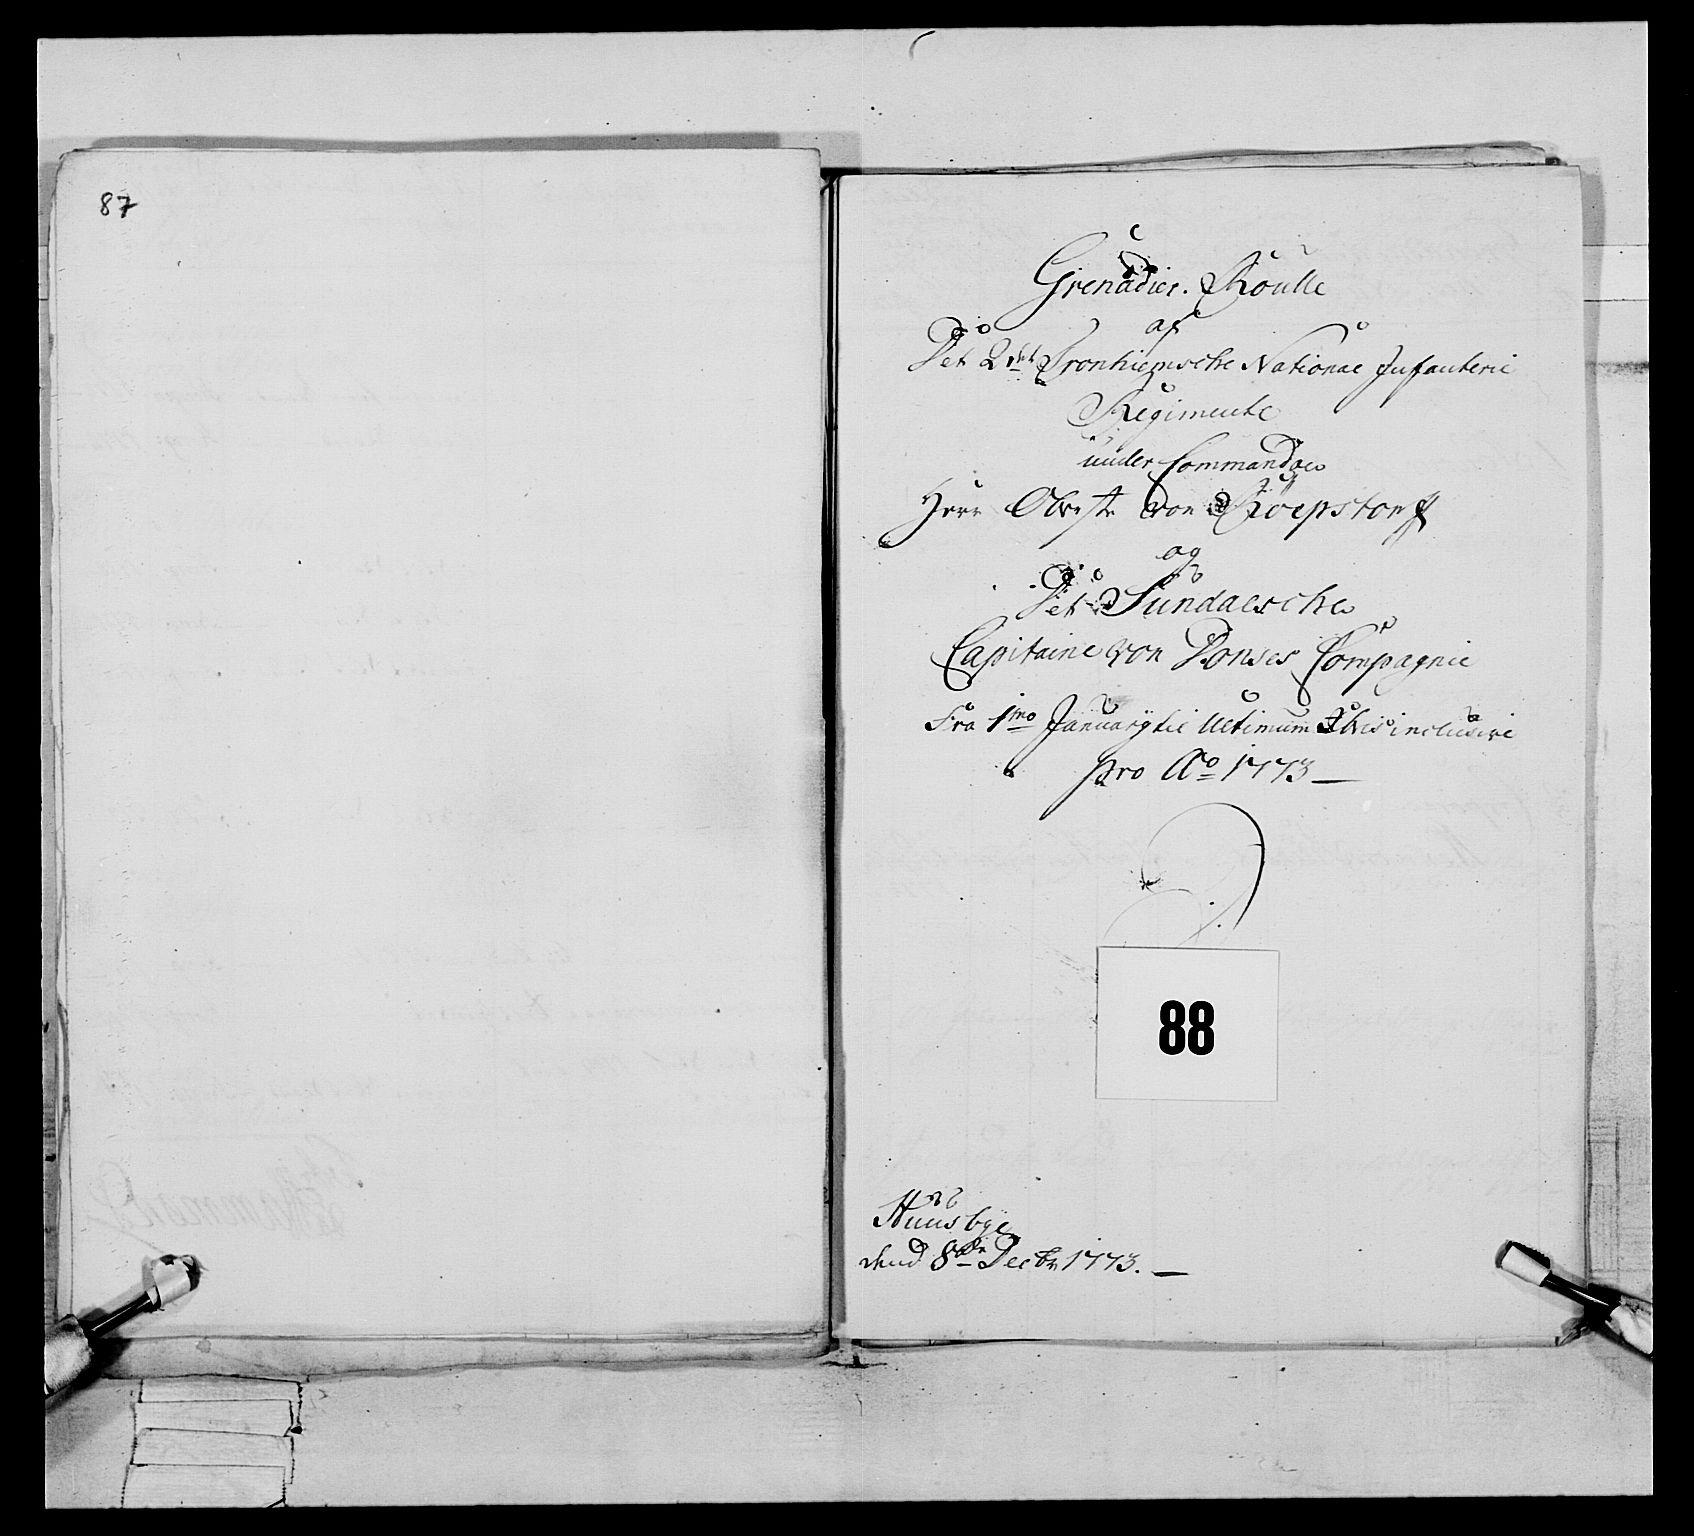 RA, Generalitets- og kommissariatskollegiet, Det kongelige norske kommissariatskollegium, E/Eh/L0076: 2. Trondheimske nasjonale infanteriregiment, 1766-1773, s. 499